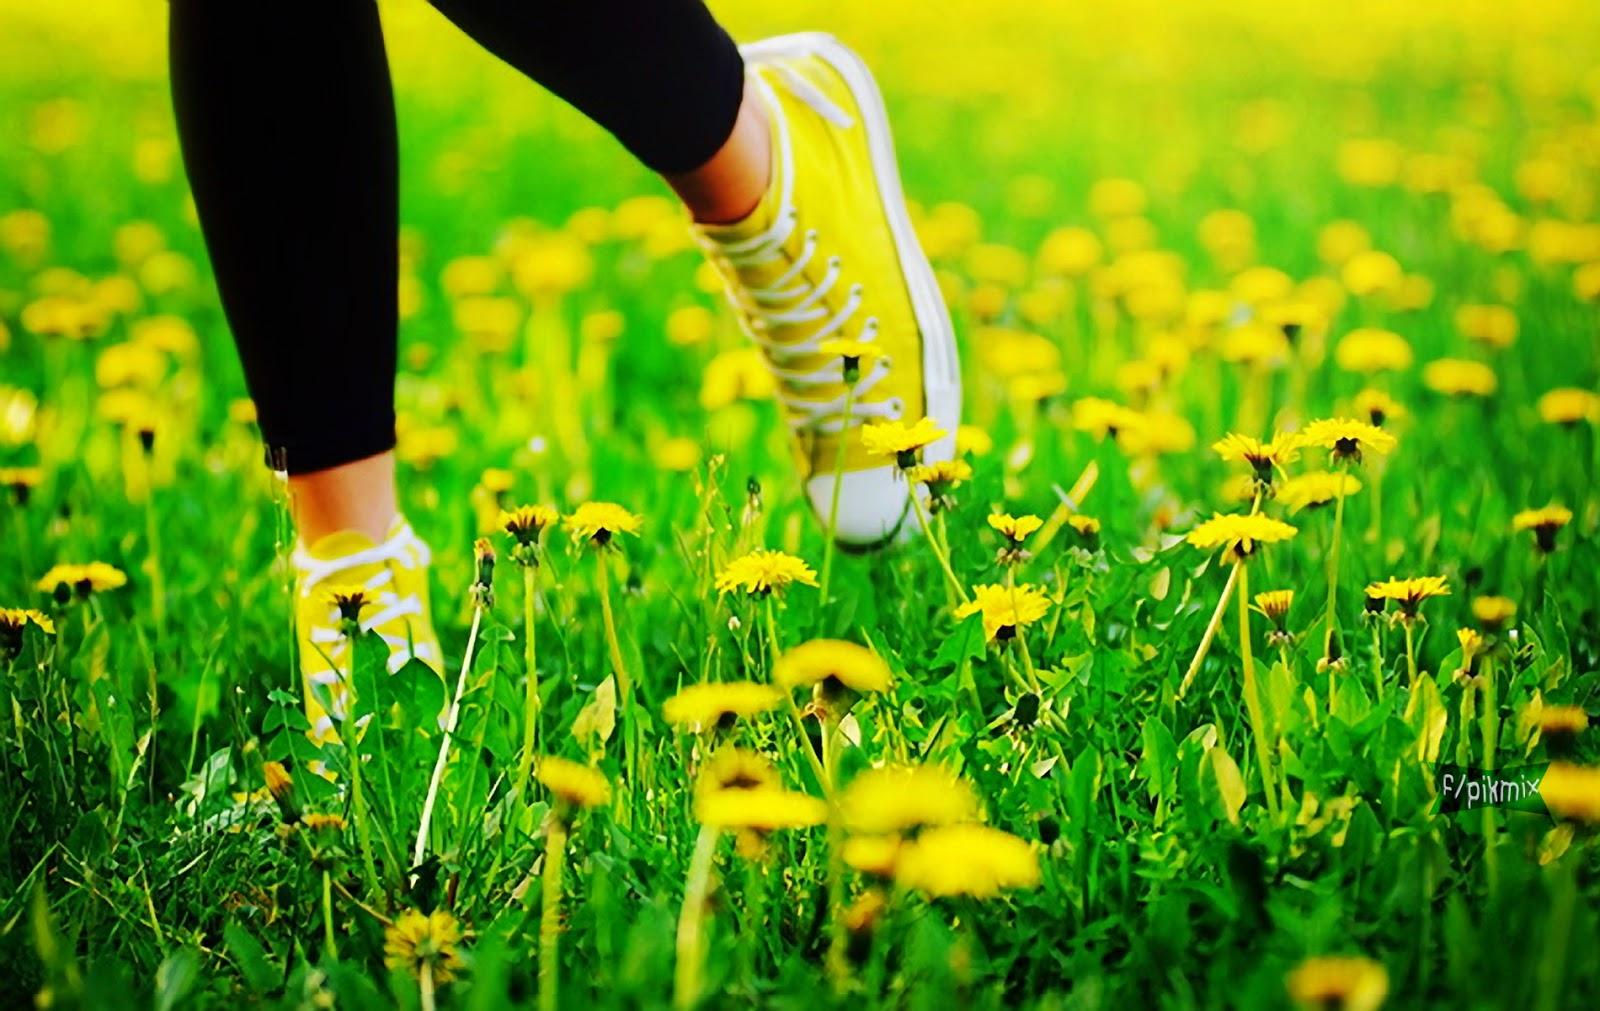 Wallpaper - Tenis amarillos - yerba, flores,